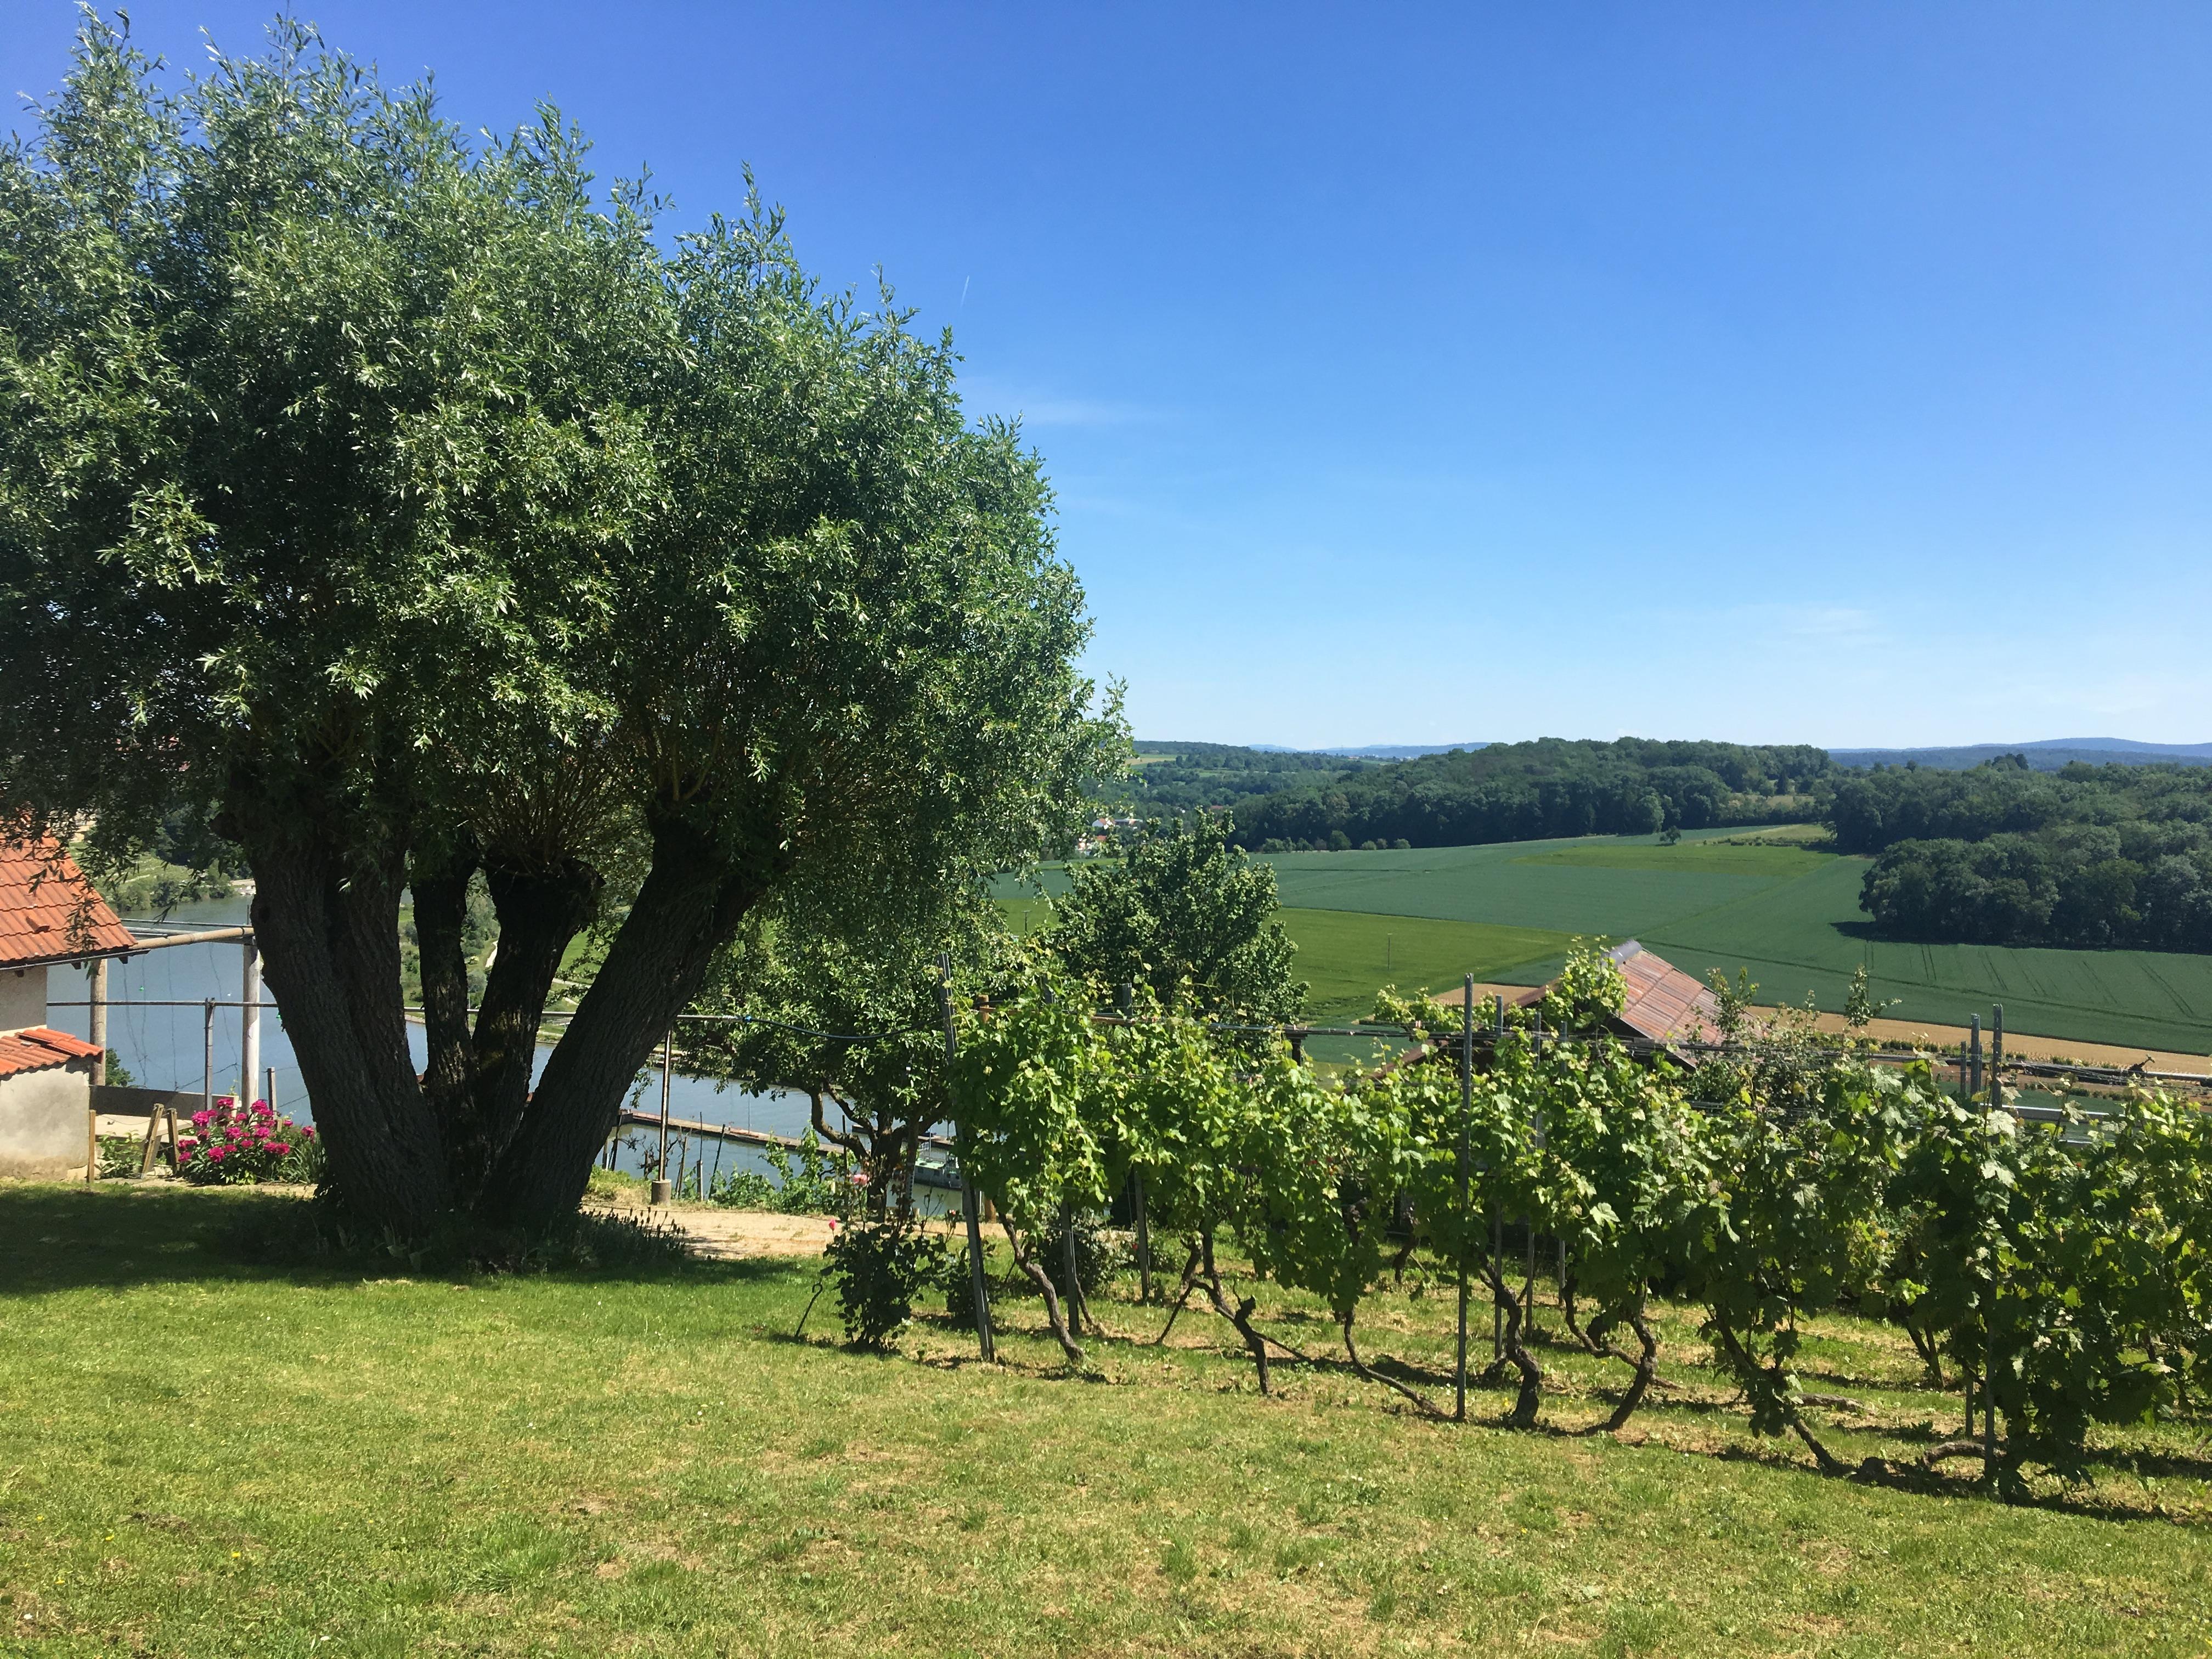 Experiment im Weinberg – die ersten Ludwigsburger Steillagentage 0.1